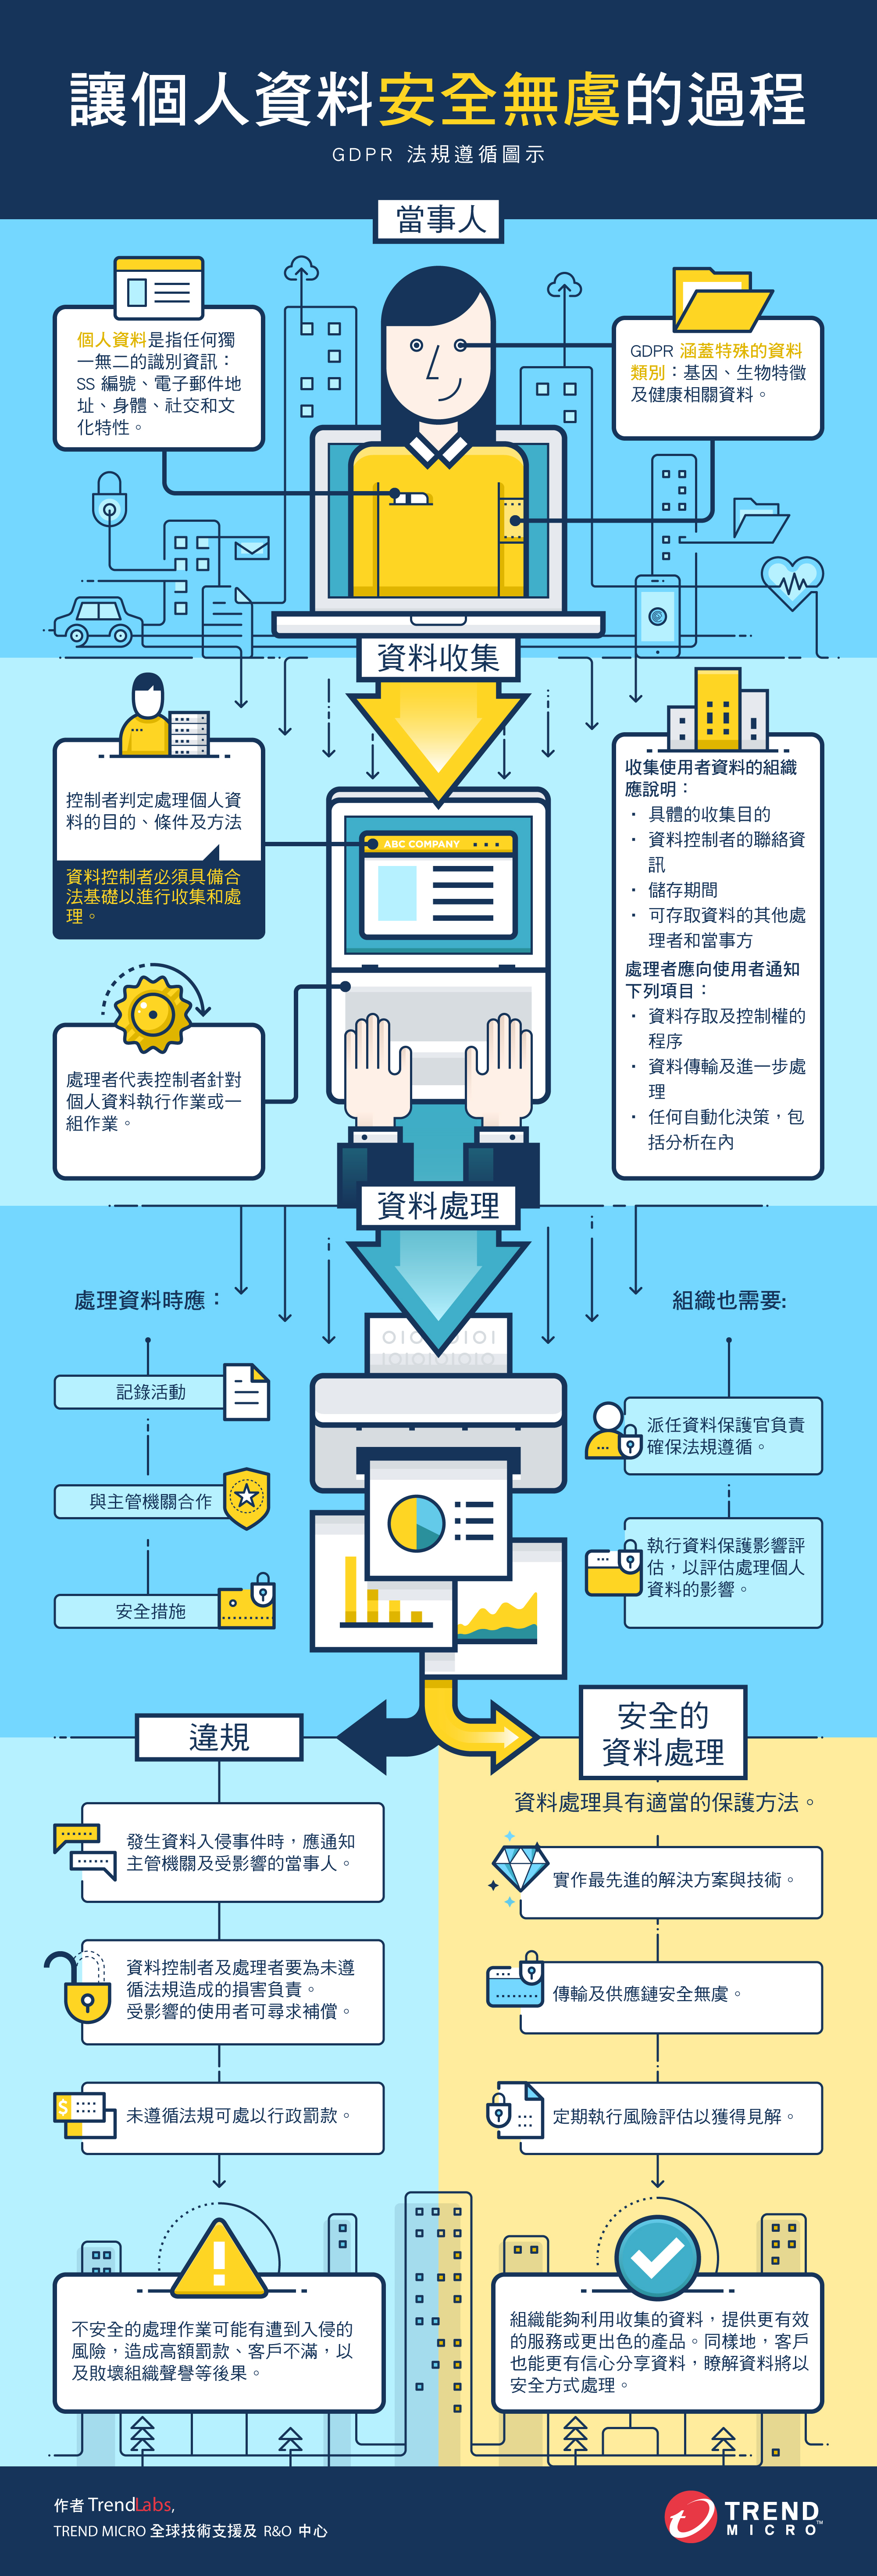 檢視資訊圖表:讓個人資料安全無虞的過程